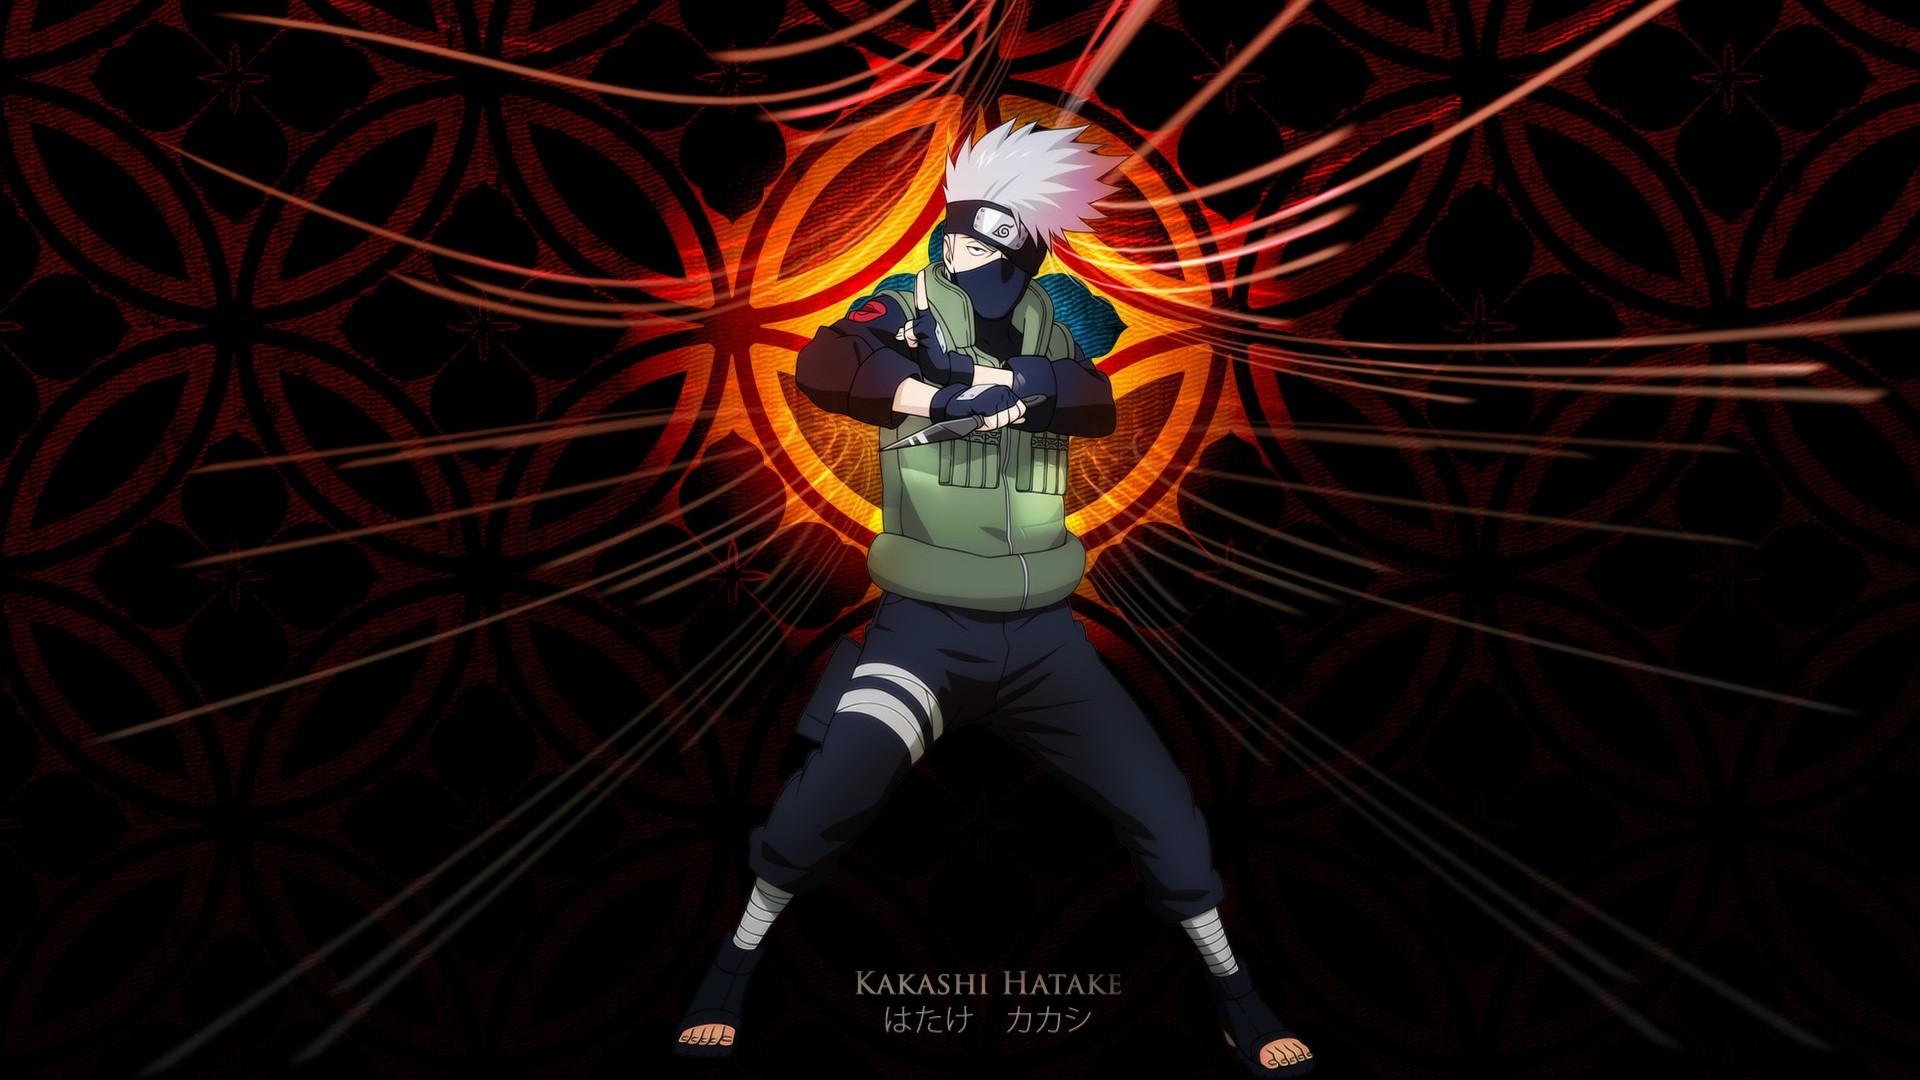 Wallpaper Anime Hatake Kakashi Naruto Shippuuden Darkness